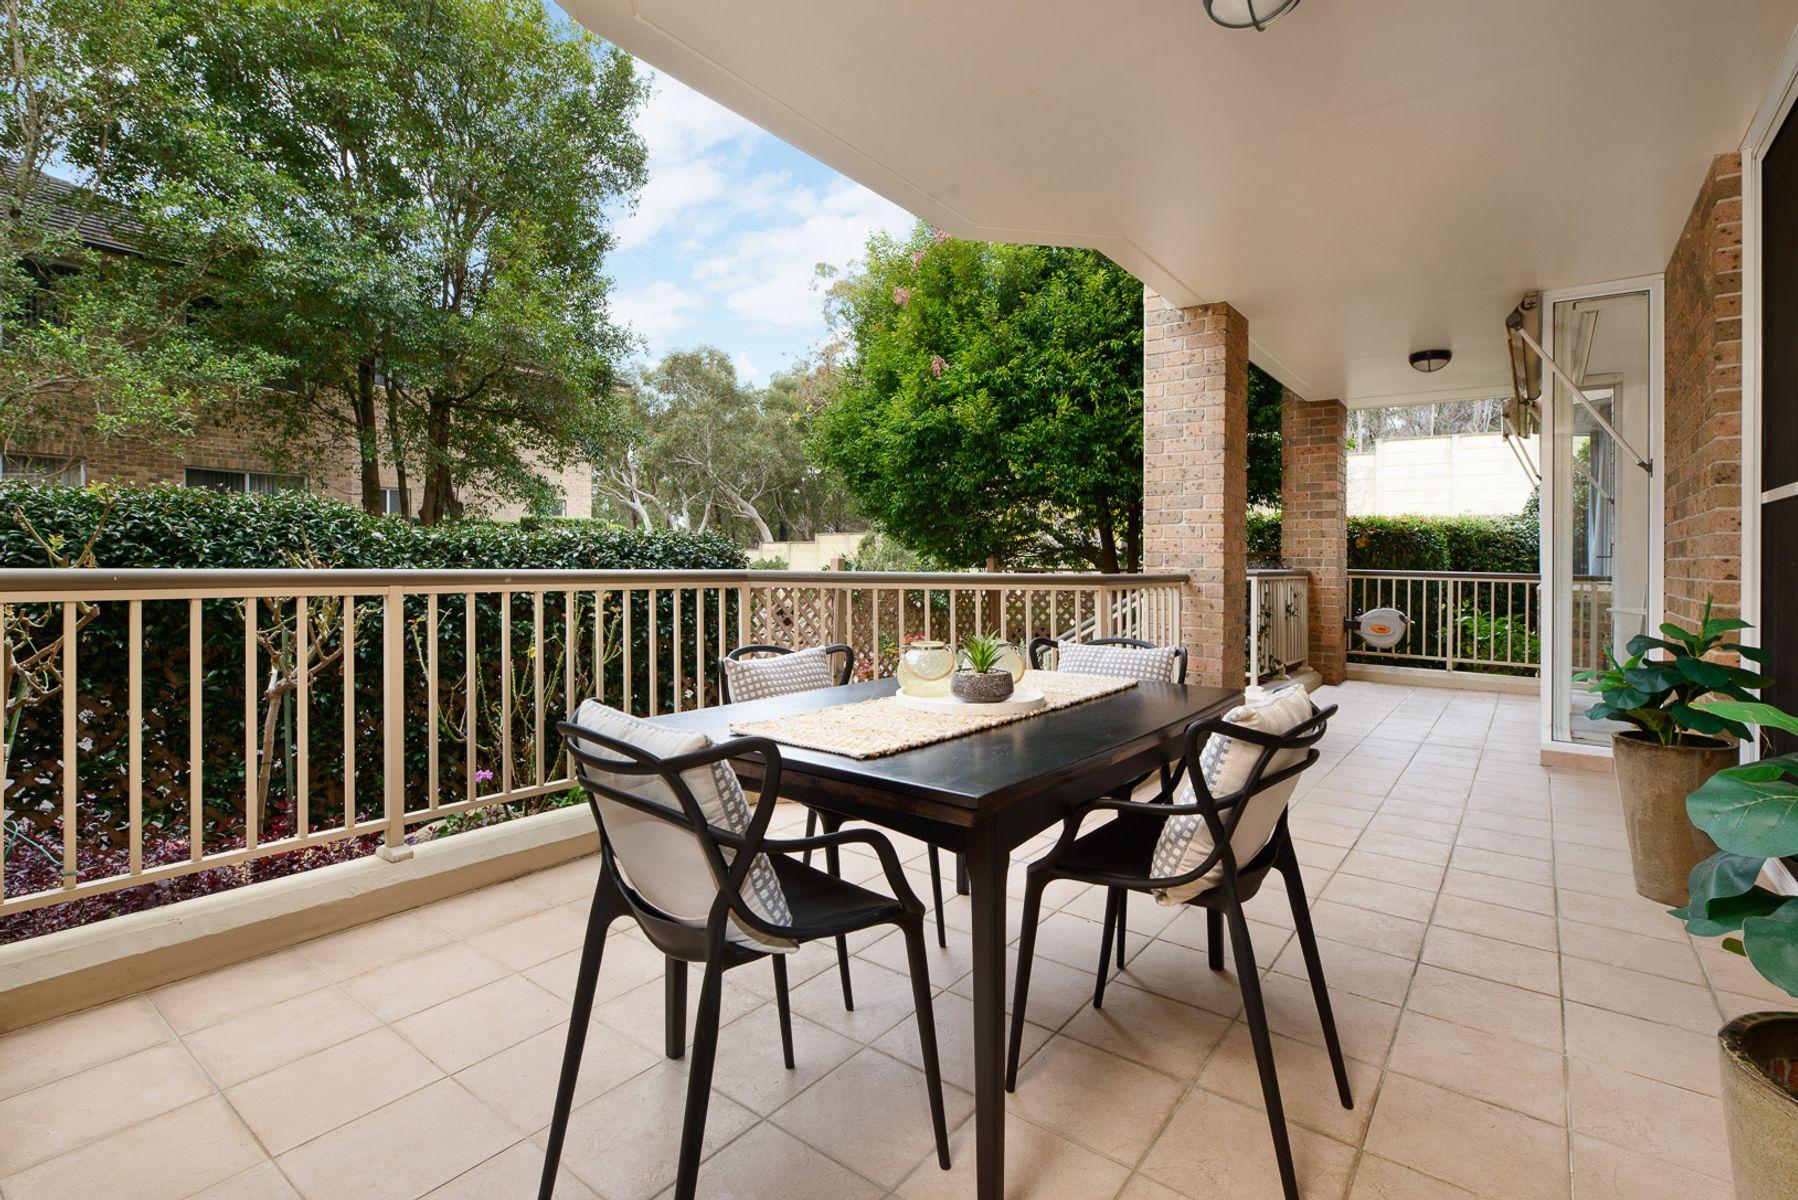 120/381 Bobbin Head Road, North Turramurra, NSW 2074